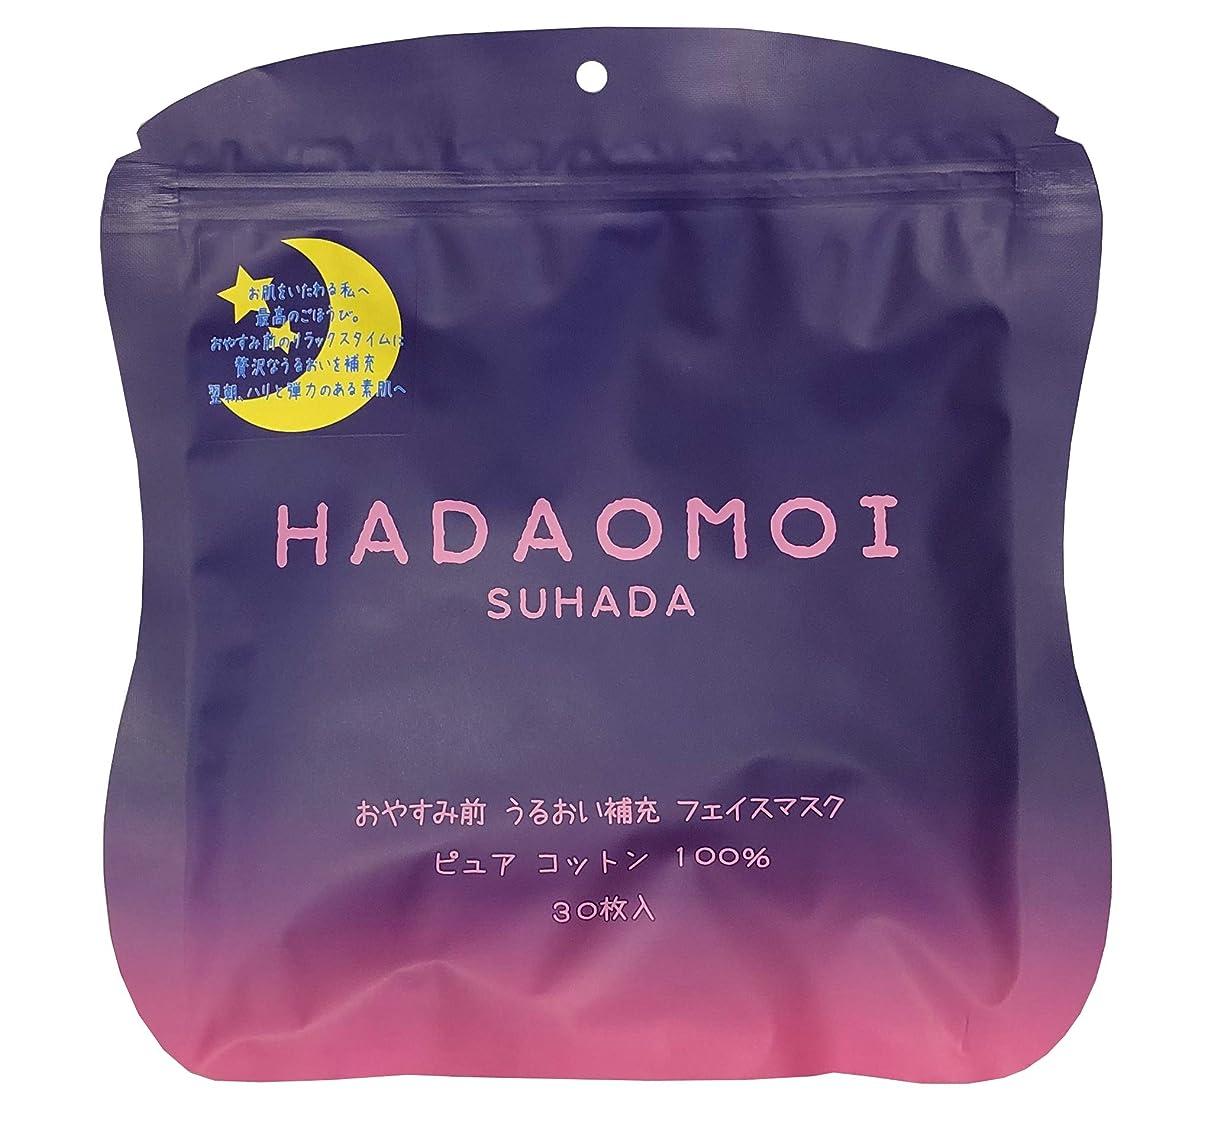 パール定期的格差HADAOMOI(ハダオモイ) おやすみ前 うるおい補充 フェイスマスク 30枚入